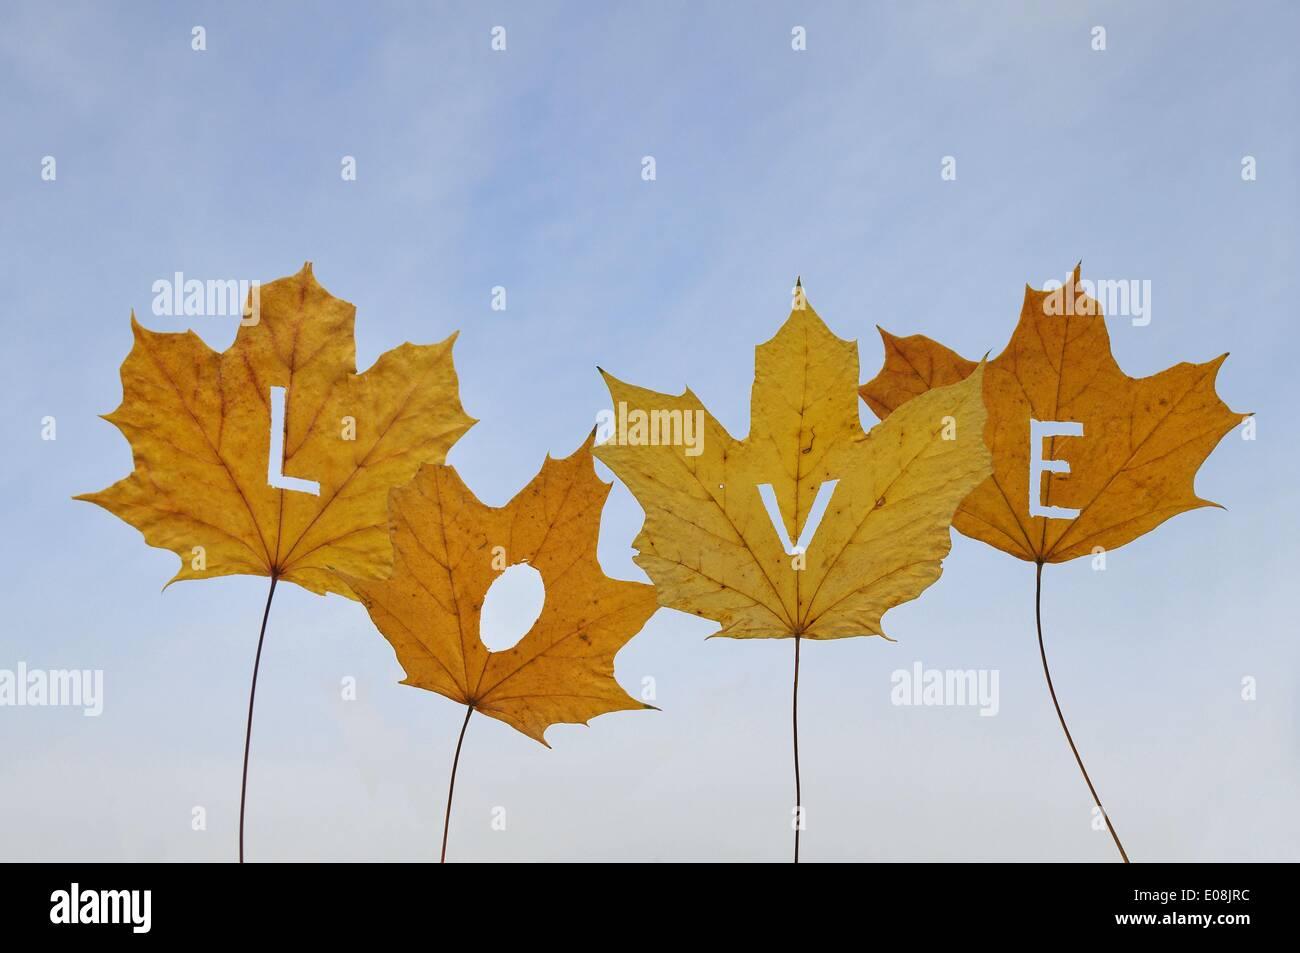 Briefe aus ausgeschnitten herbstliche farbige Blätter Form das Wort ...